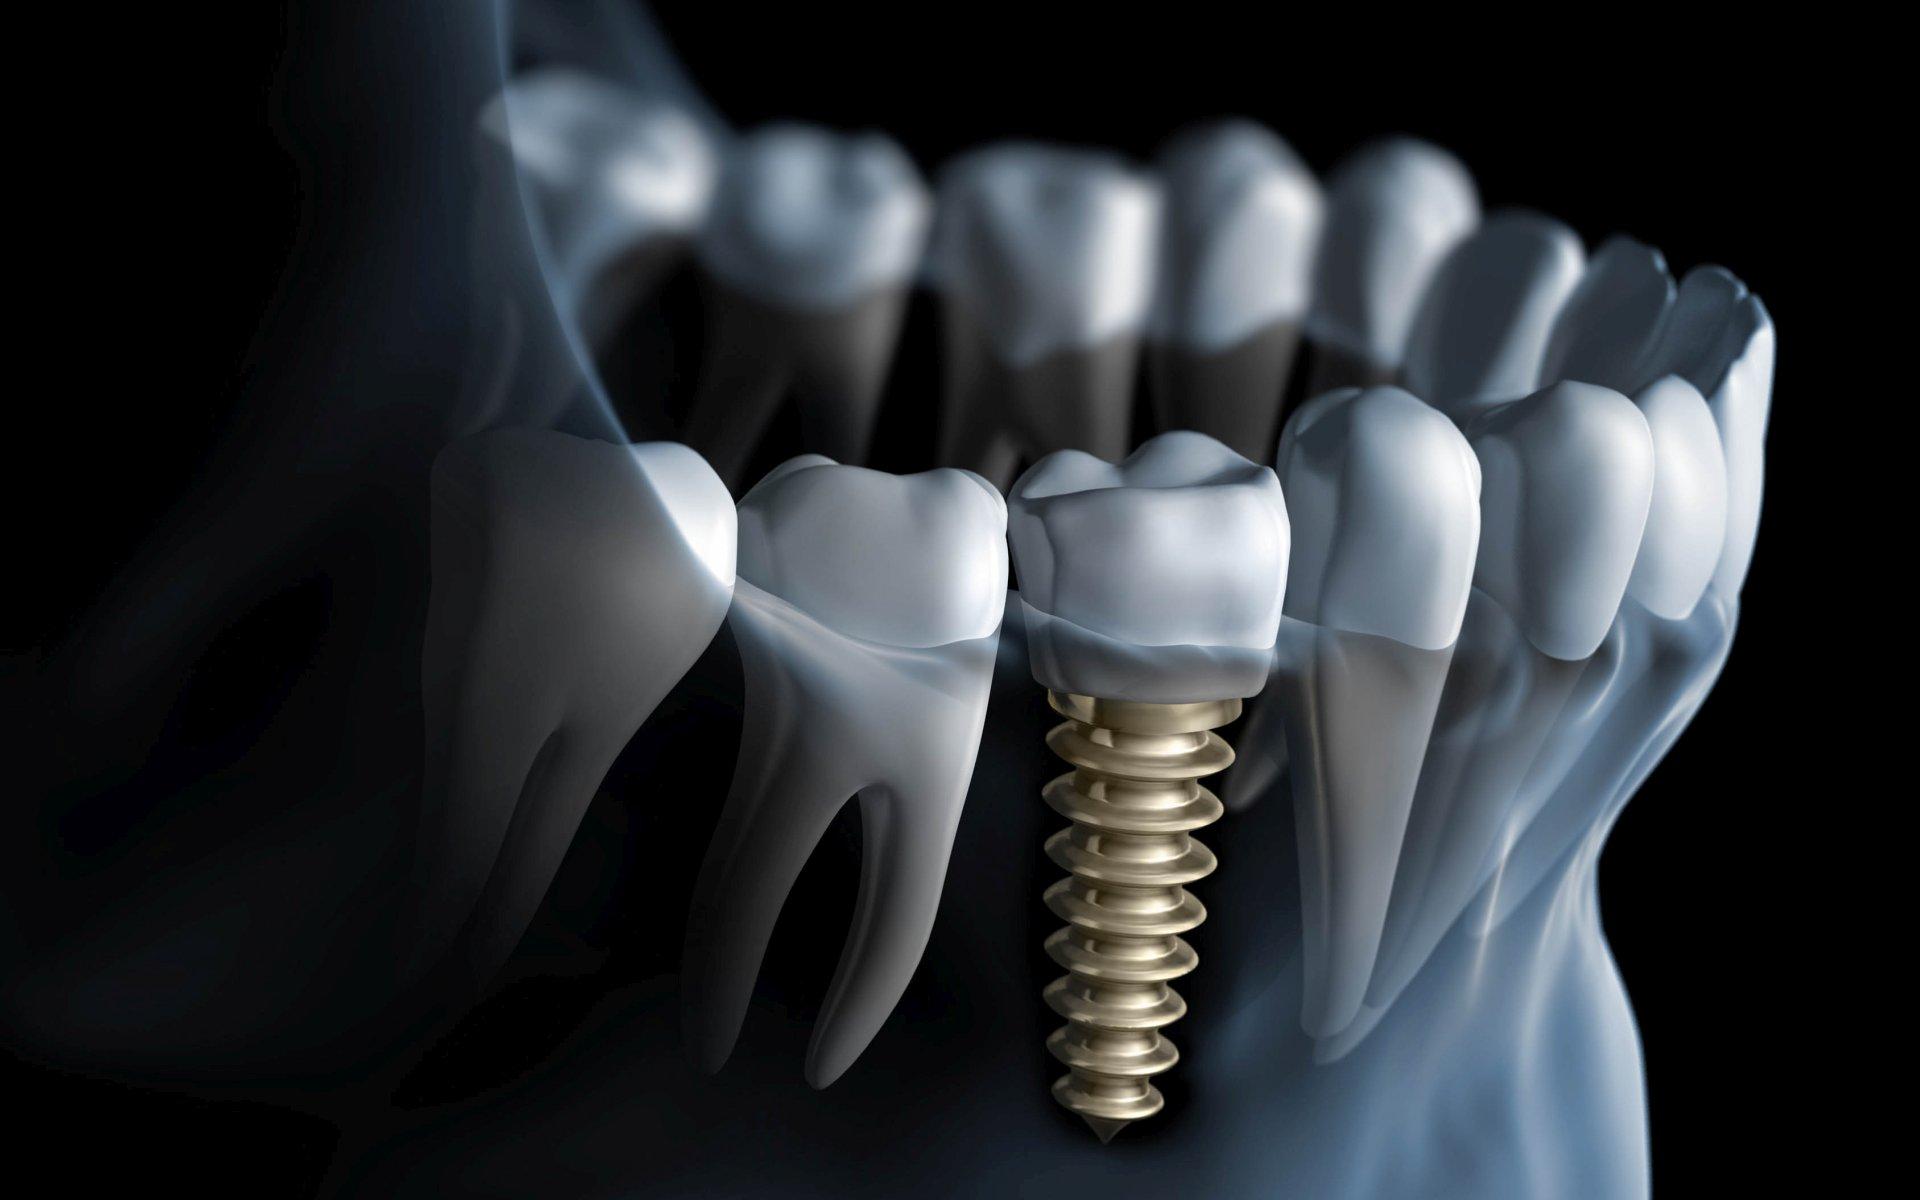 El implante dental como un remedio para reducir la pérdida ósea